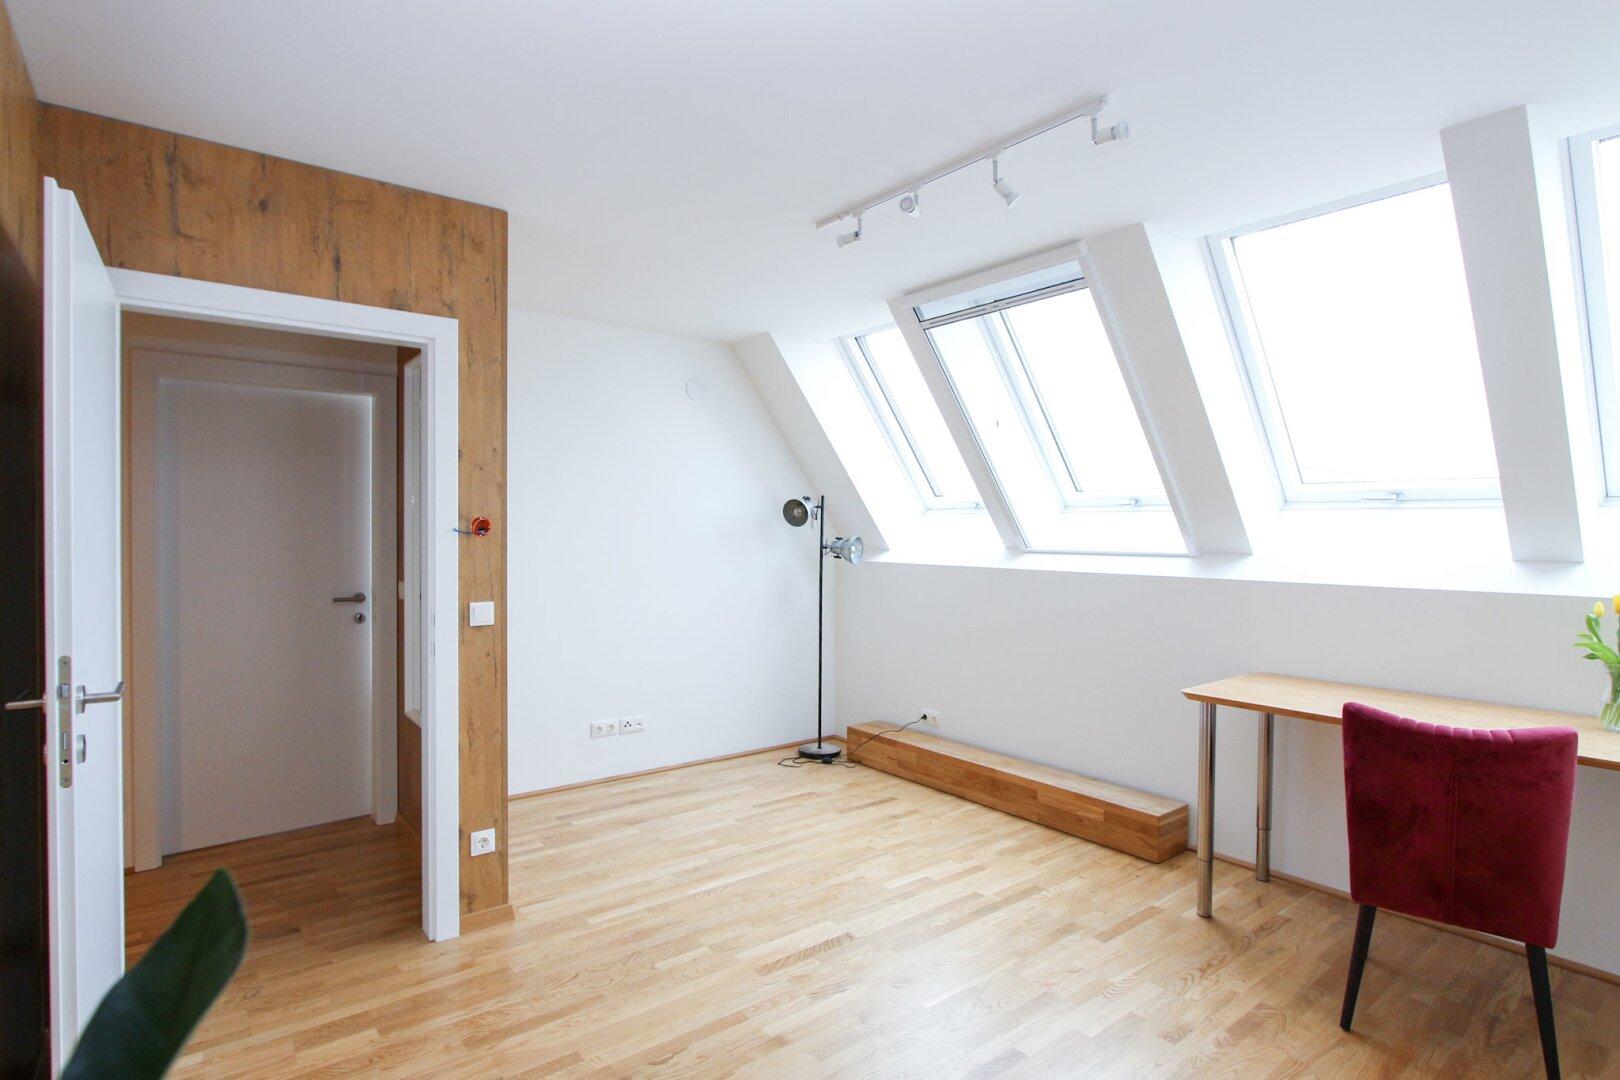 Zimmer Typ 28.2